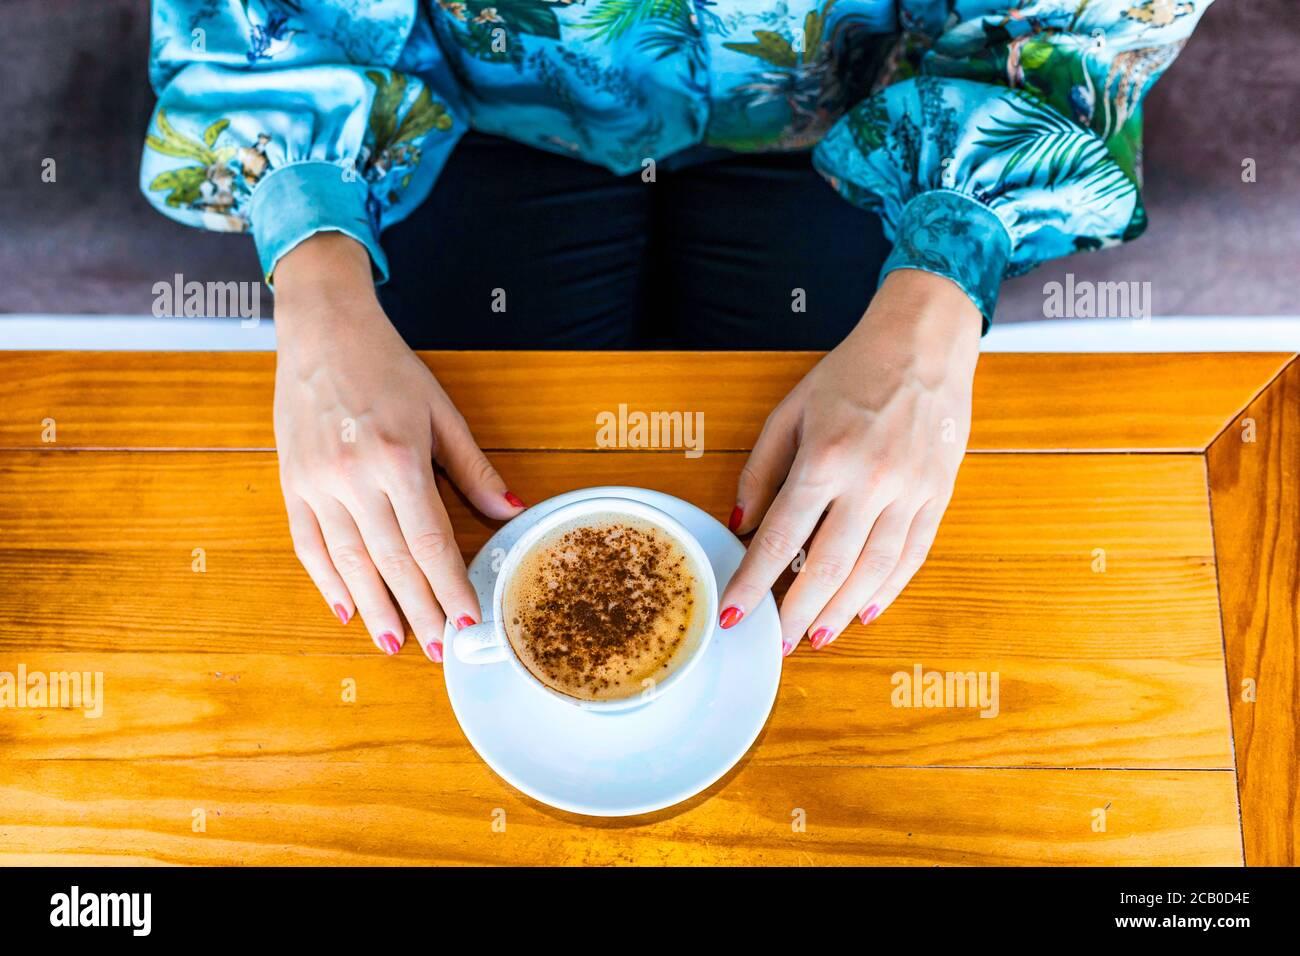 Blick von der Spitze von zwei Händen einer Frau Mit rotem Nagellack beim Trinken einen Cappuccino in einem Lokales Kaffeehaus in Lissabon Stockfoto